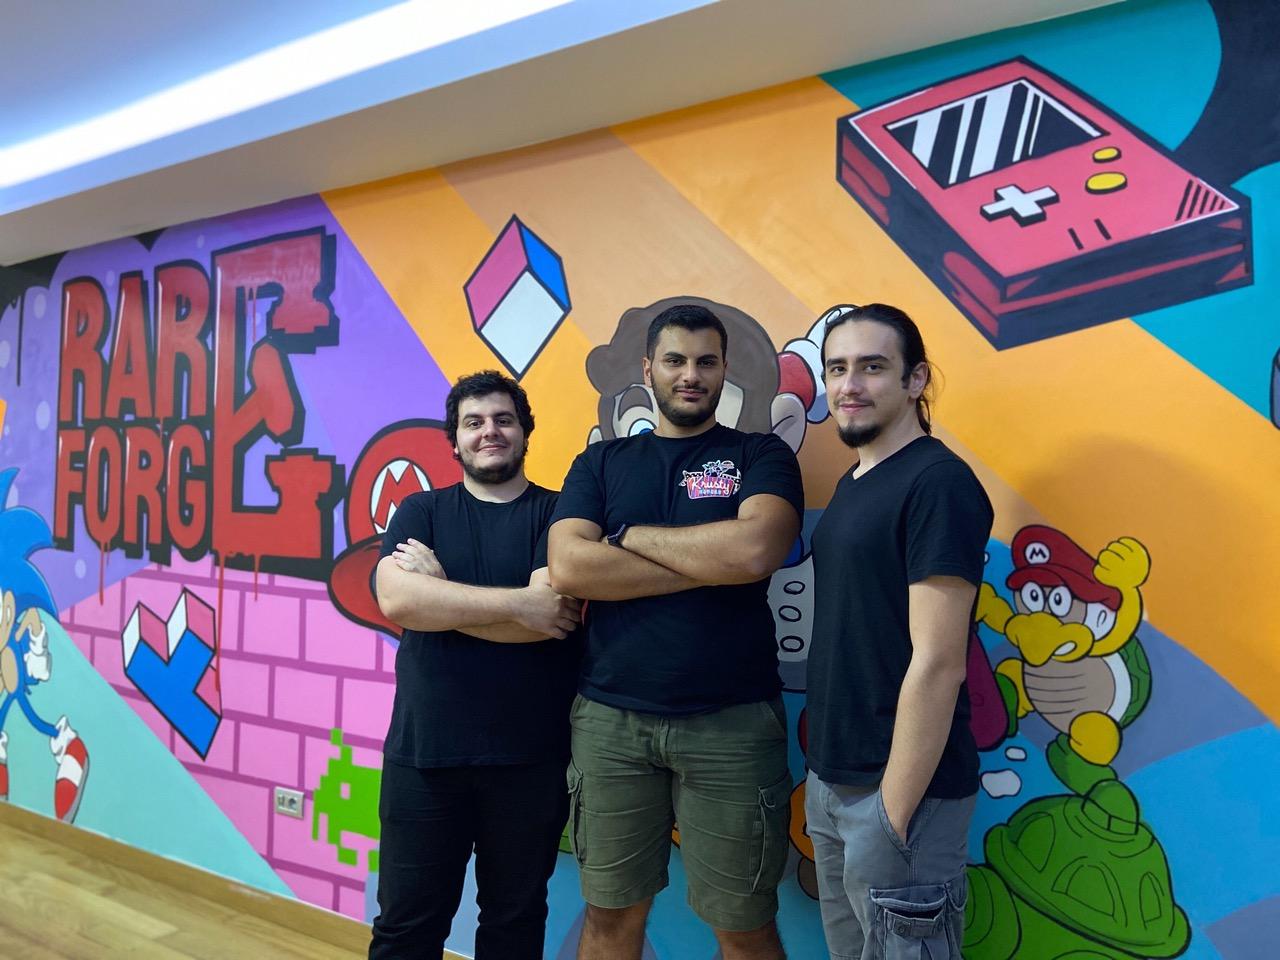 Mynet, Mobil Oyun Şirketi Rare Forge'un %50'sini Satın Aldı